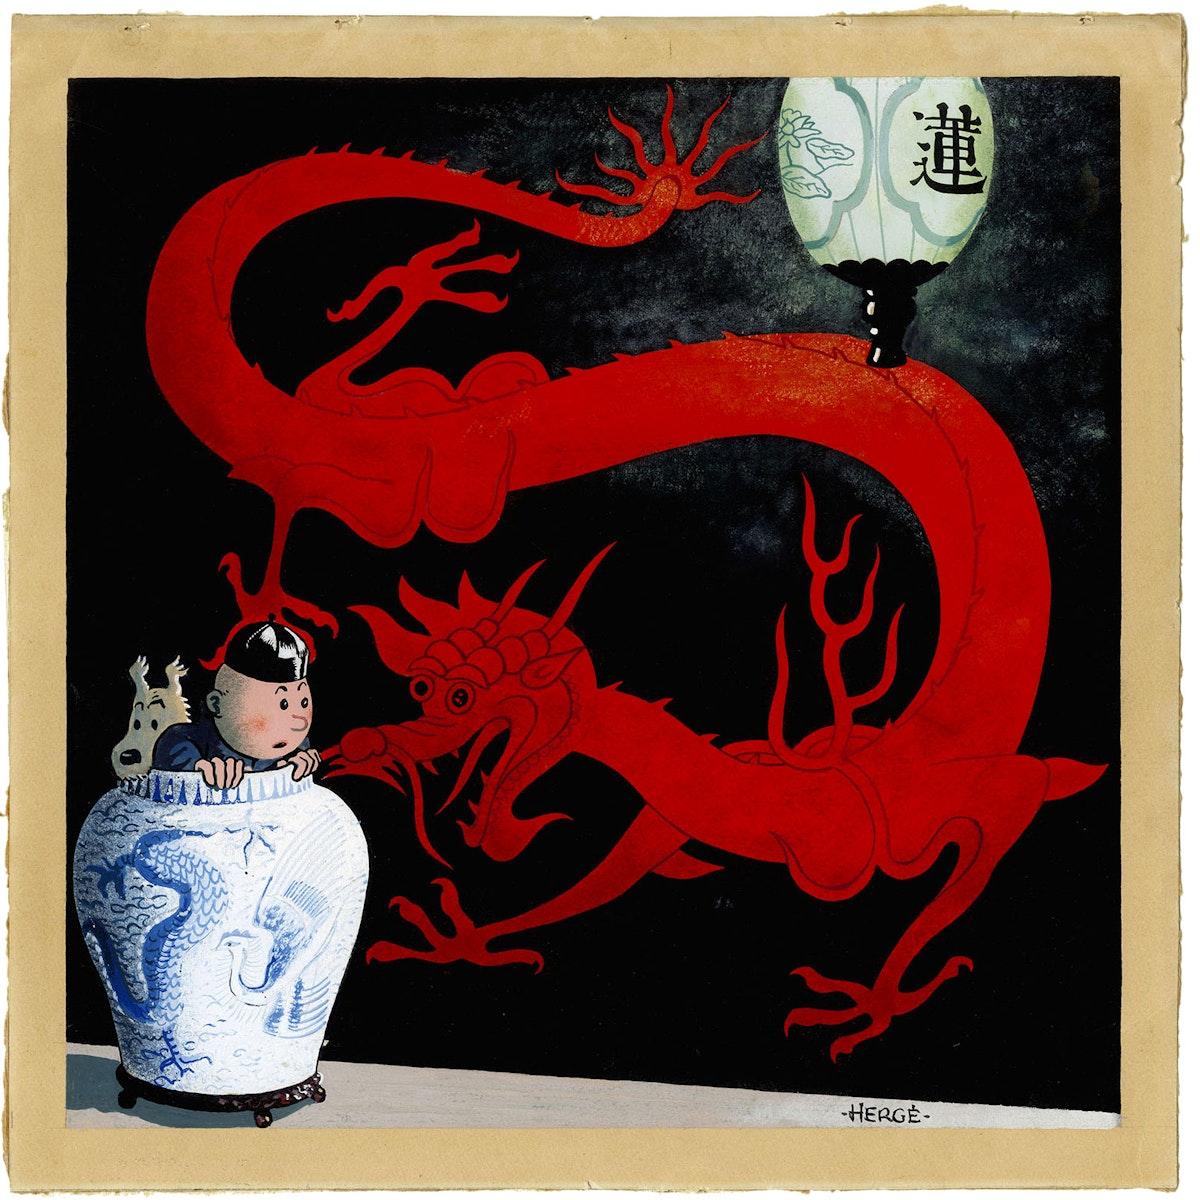 """لوحة الفنان إيرجيه، التي رسمها لمجلد """"مغامرات تانتان: زهرة اللوتس الأزرق"""" عام 1936 - موقع """"تانتان"""" الرسمي"""